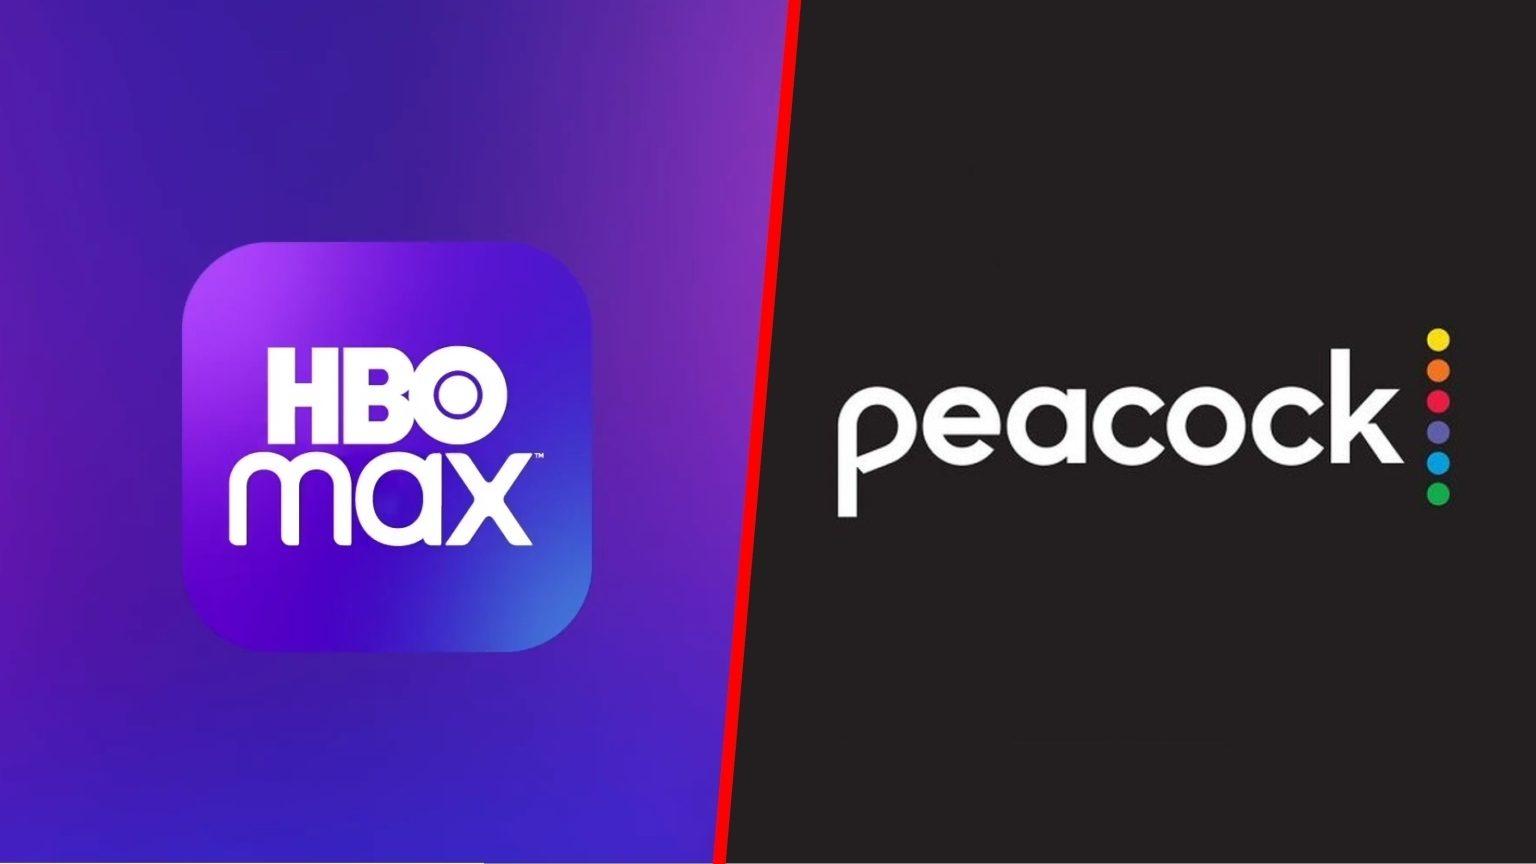 HBO vs Peacock